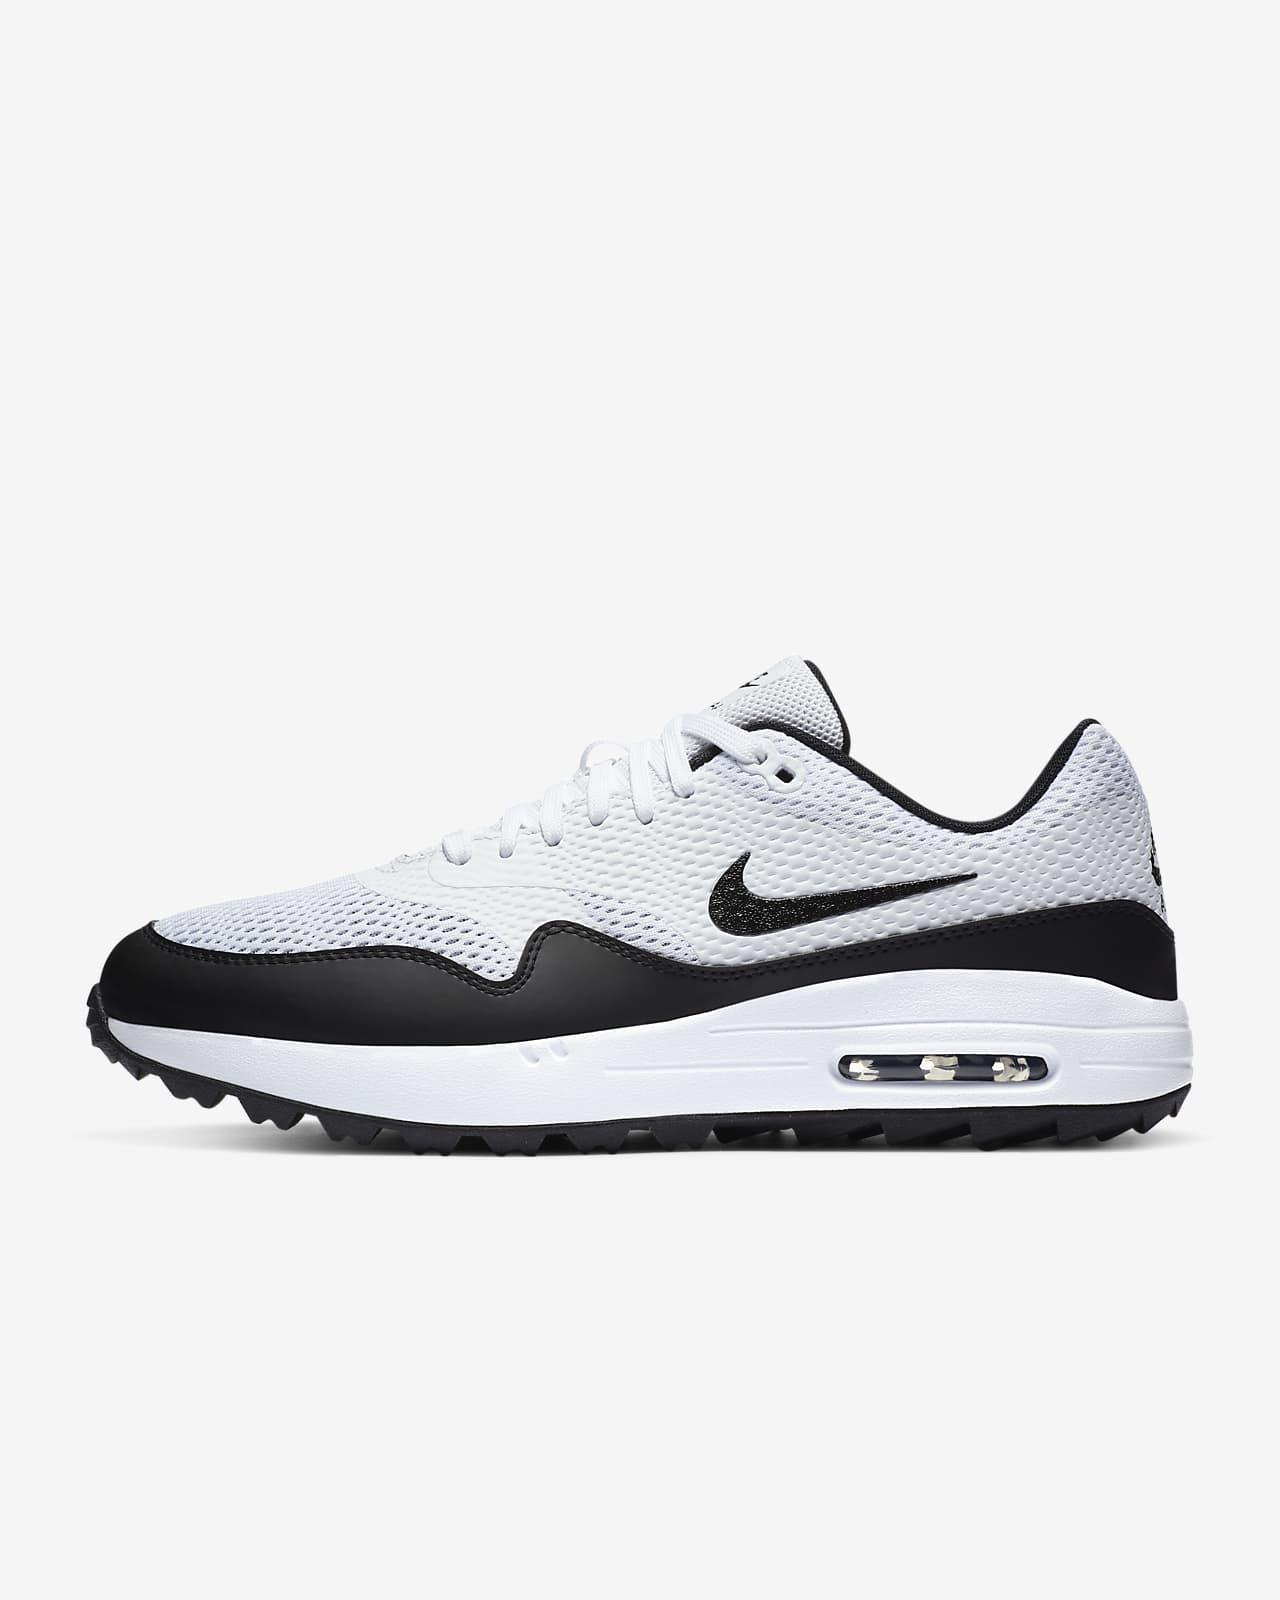 Pánská golfová bota Nike Air Max 1 G